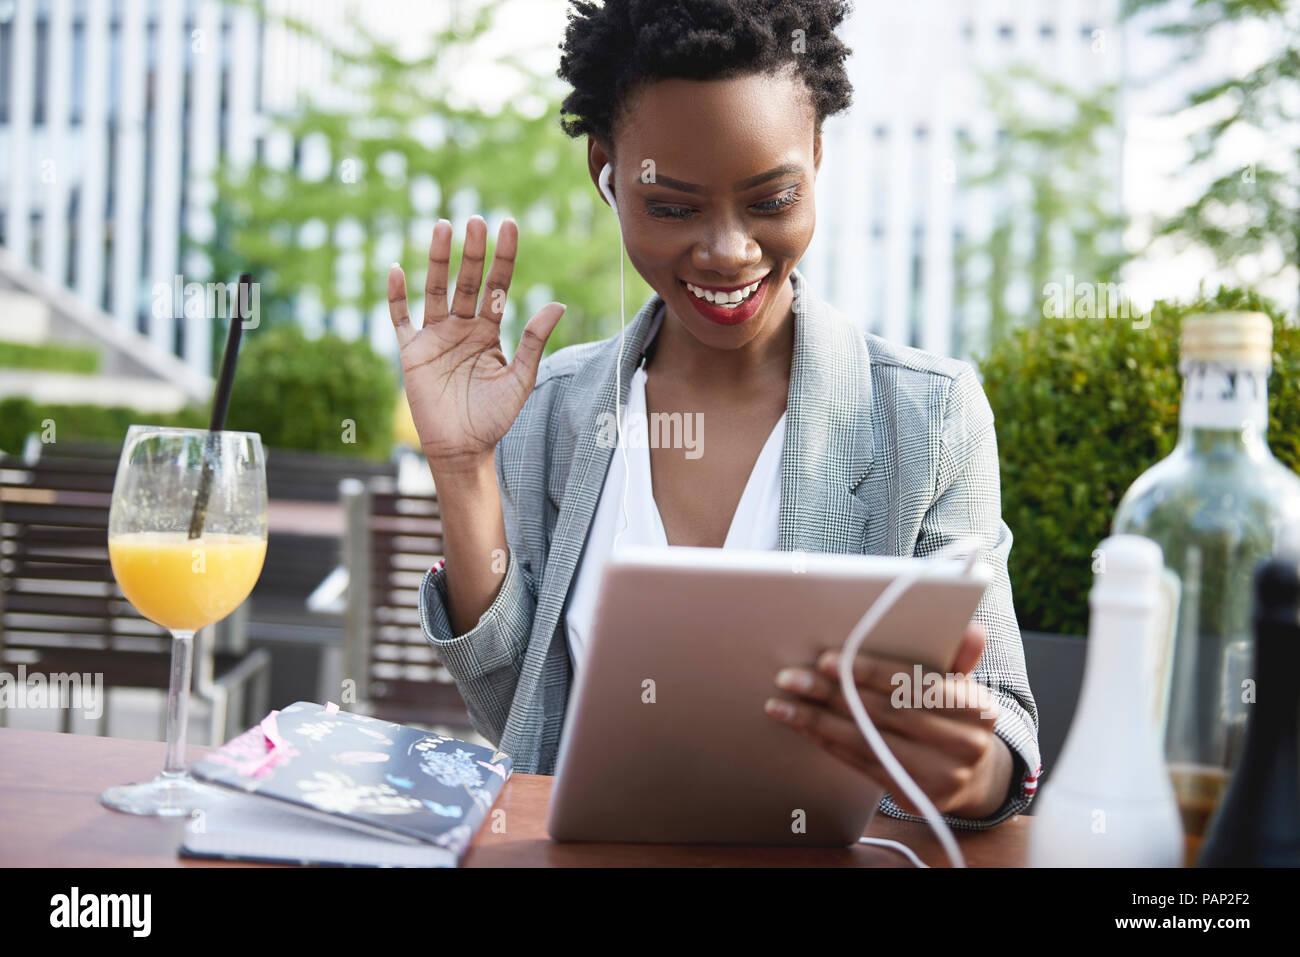 Ritratto di sorridere imprenditrice avente video conferenza con tavoletta digitale al cafè sul marciapiede Immagini Stock